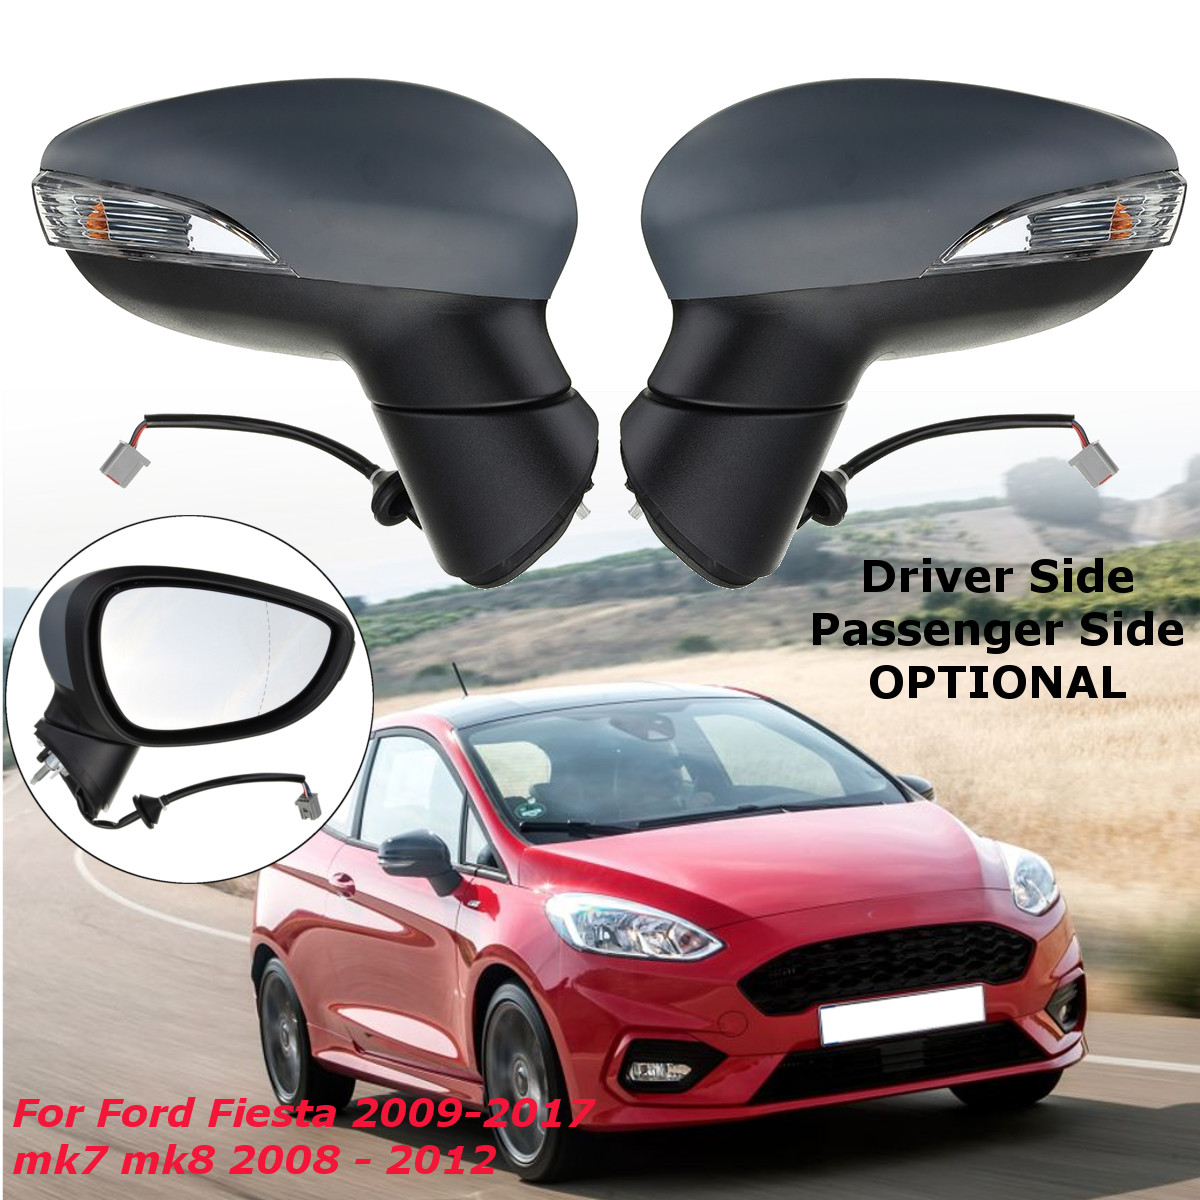 Rétroviseur d'aile électrique de porte de voiture droite/gauche côté conducteur ou passager chauffant pour Ford pour Fiesta 2009-2017 mk7 mk8 2008-2012